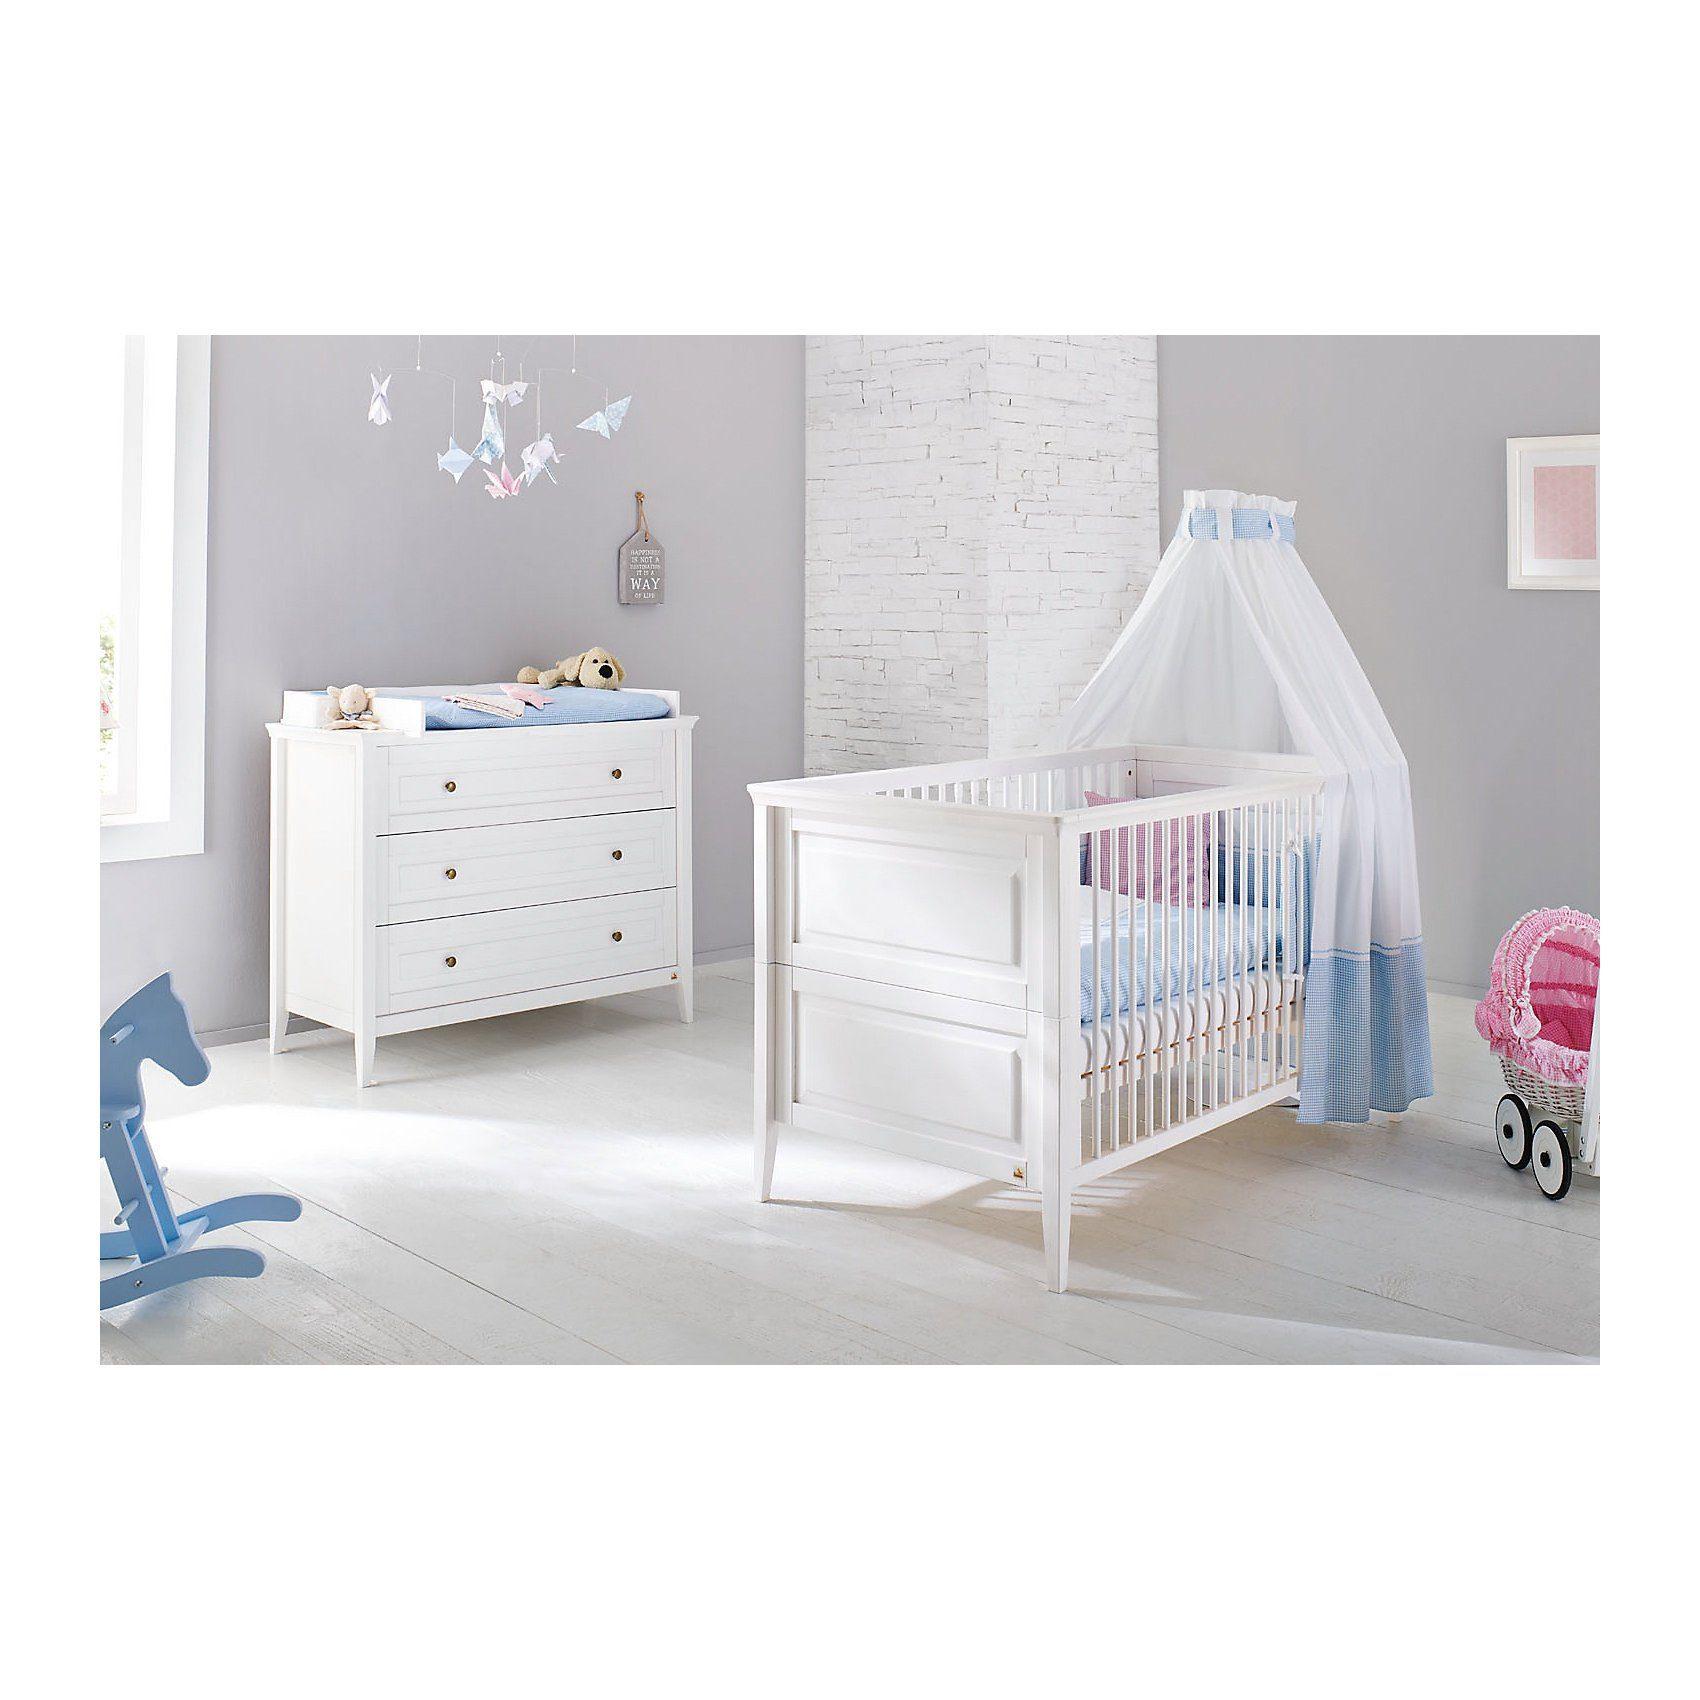 Pinolino Sparset SMILLA, (Kinderbett und Wickelkommode), Kiefer weiß